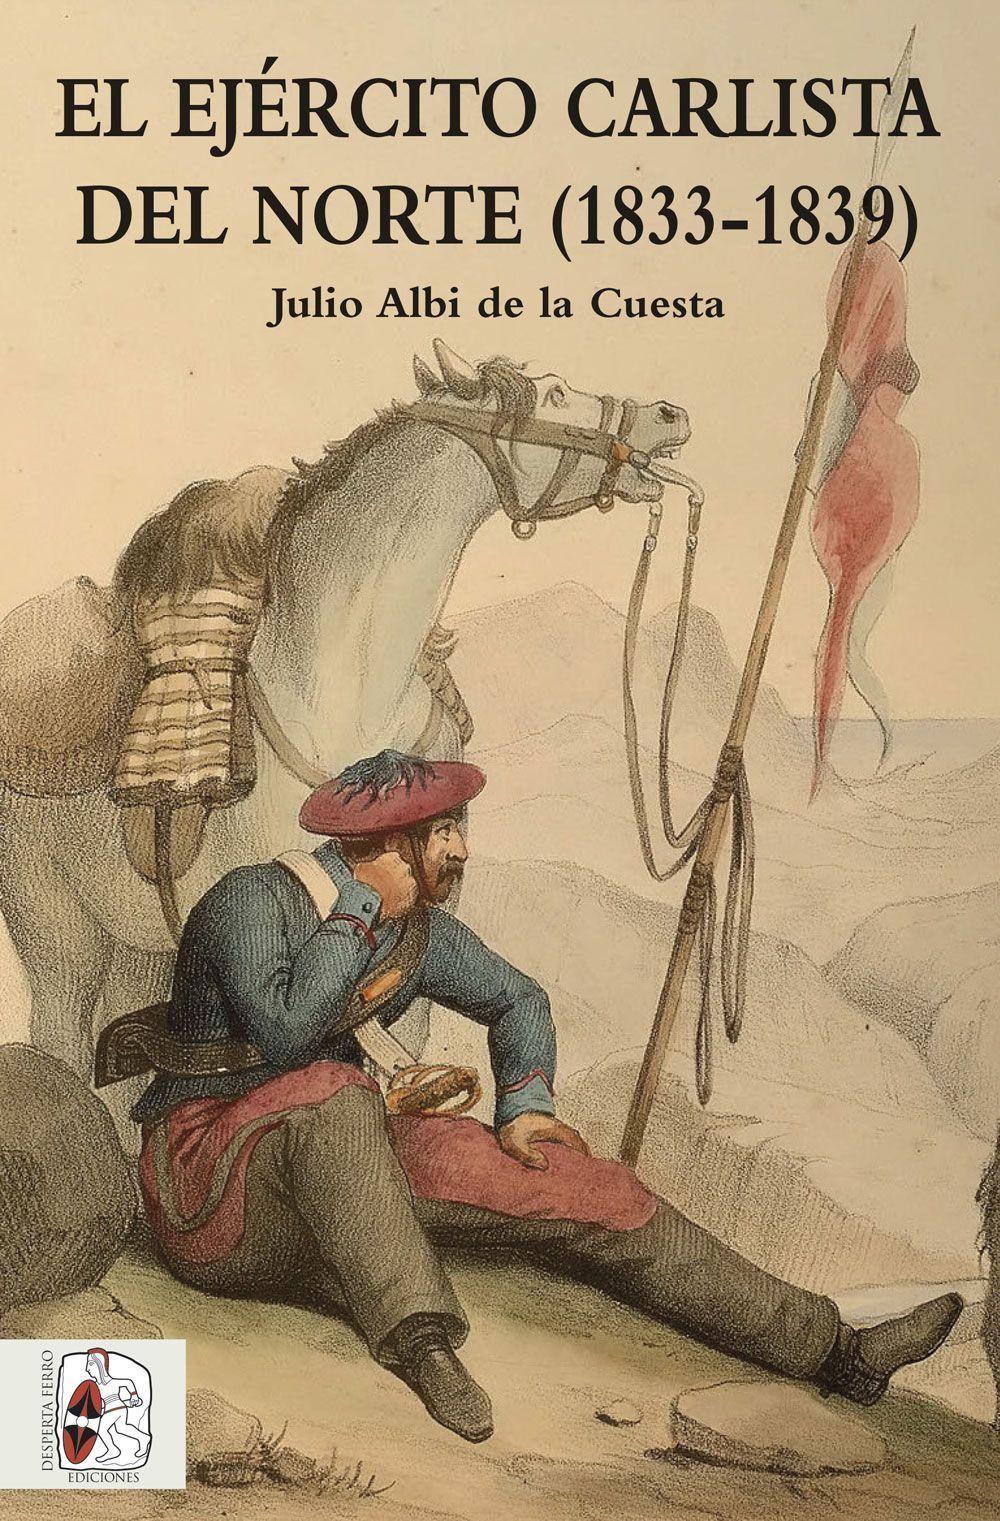 El ejército carlista del norte Julio Albi de la Cuesta